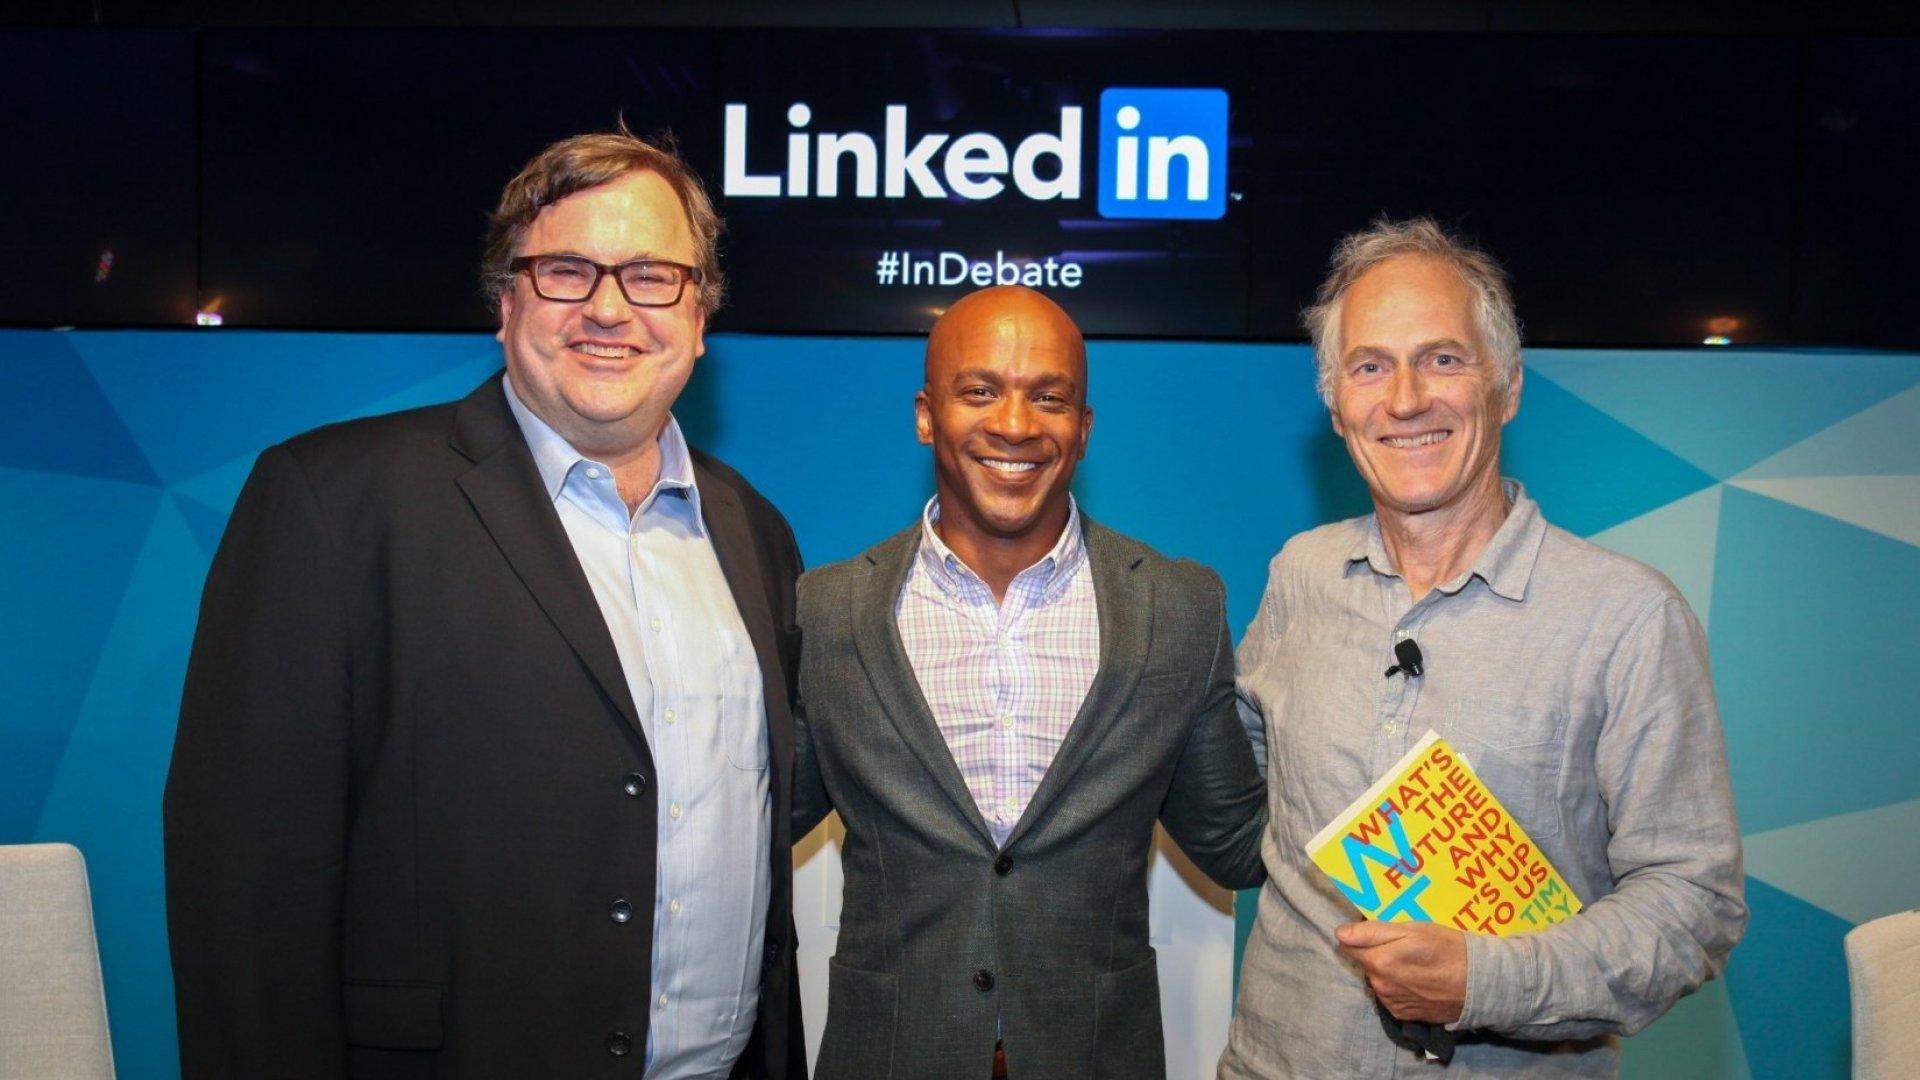 LinkedIn Founder Reid Hoffman: Size Matters